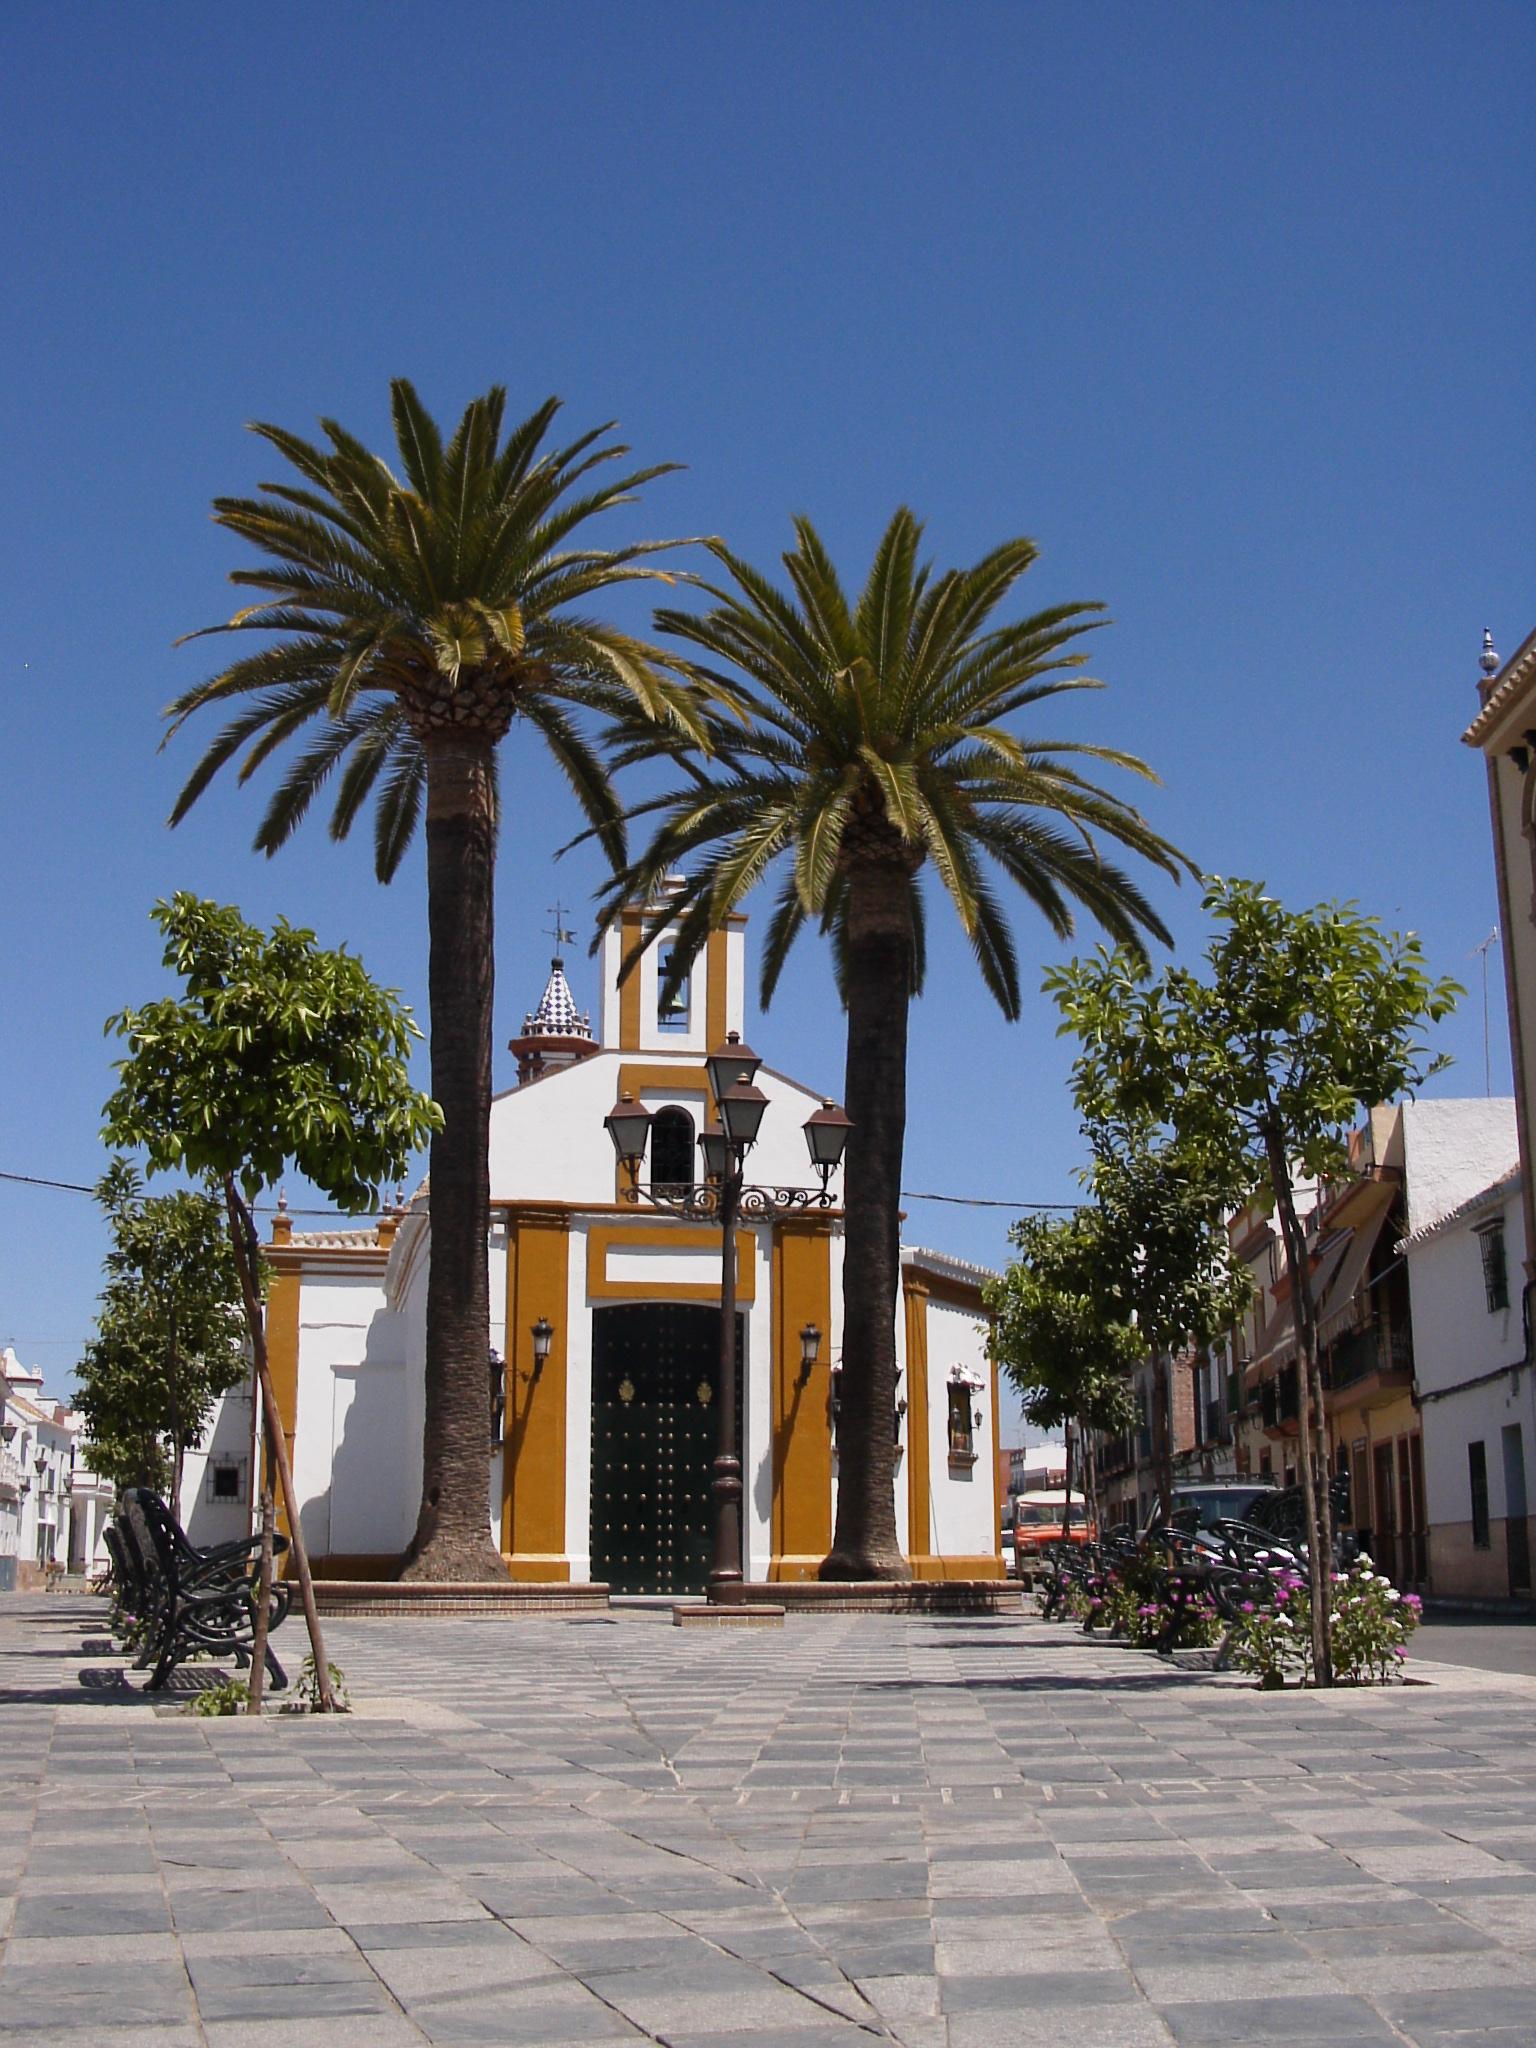 Casas en los palacios y villafranca free piso en los - Casas en los palacios y villafranca ...